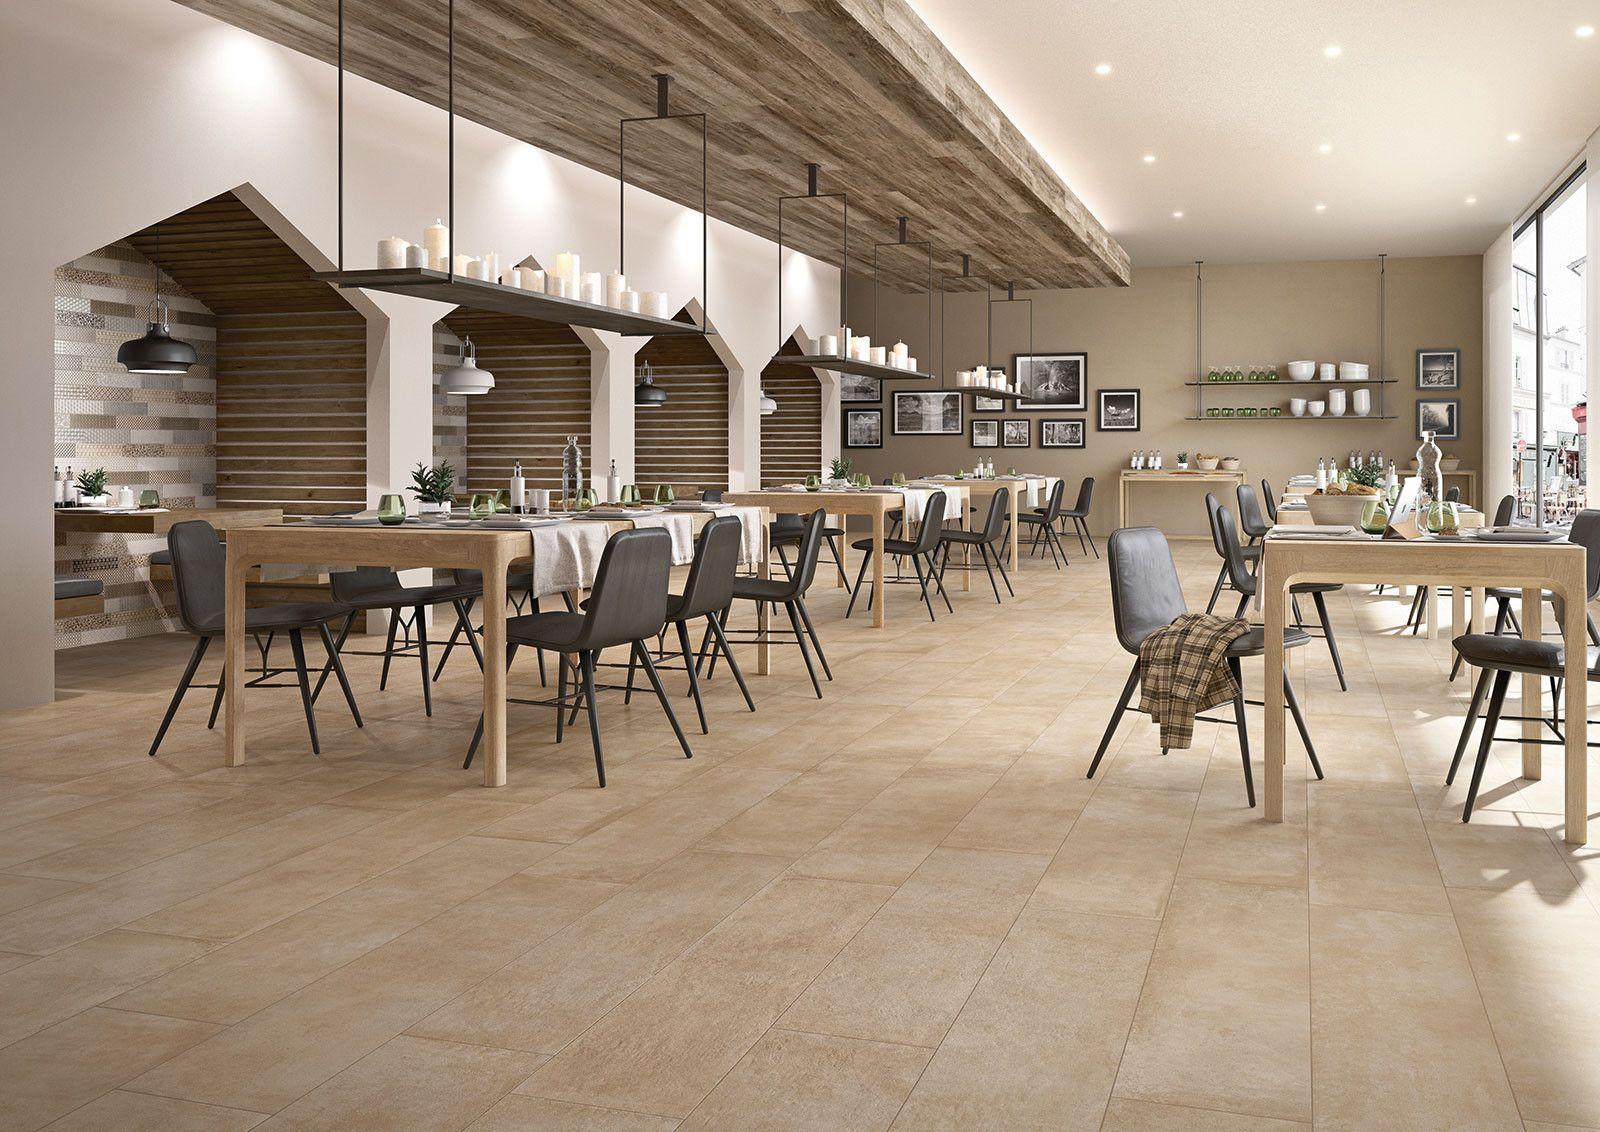 Marazzi Clays Sand X Cm MMR Feinsteinzeug Steinoptik - Fliesen für restaurant küche